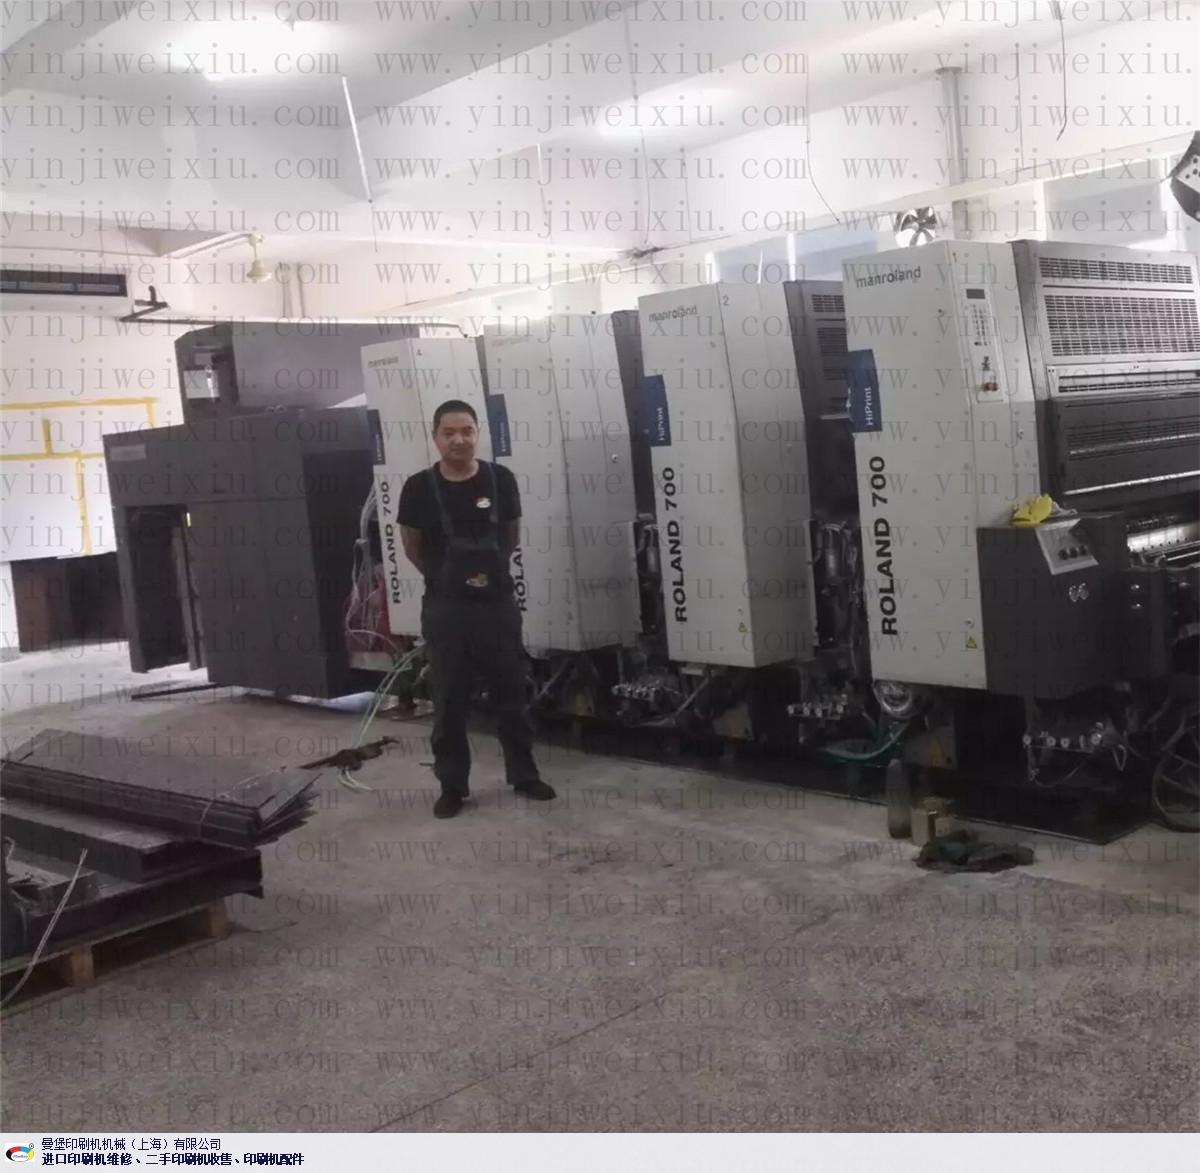 中國臺灣二手高寶印刷機 值得信賴「曼堡印刷機械(上海)供應」